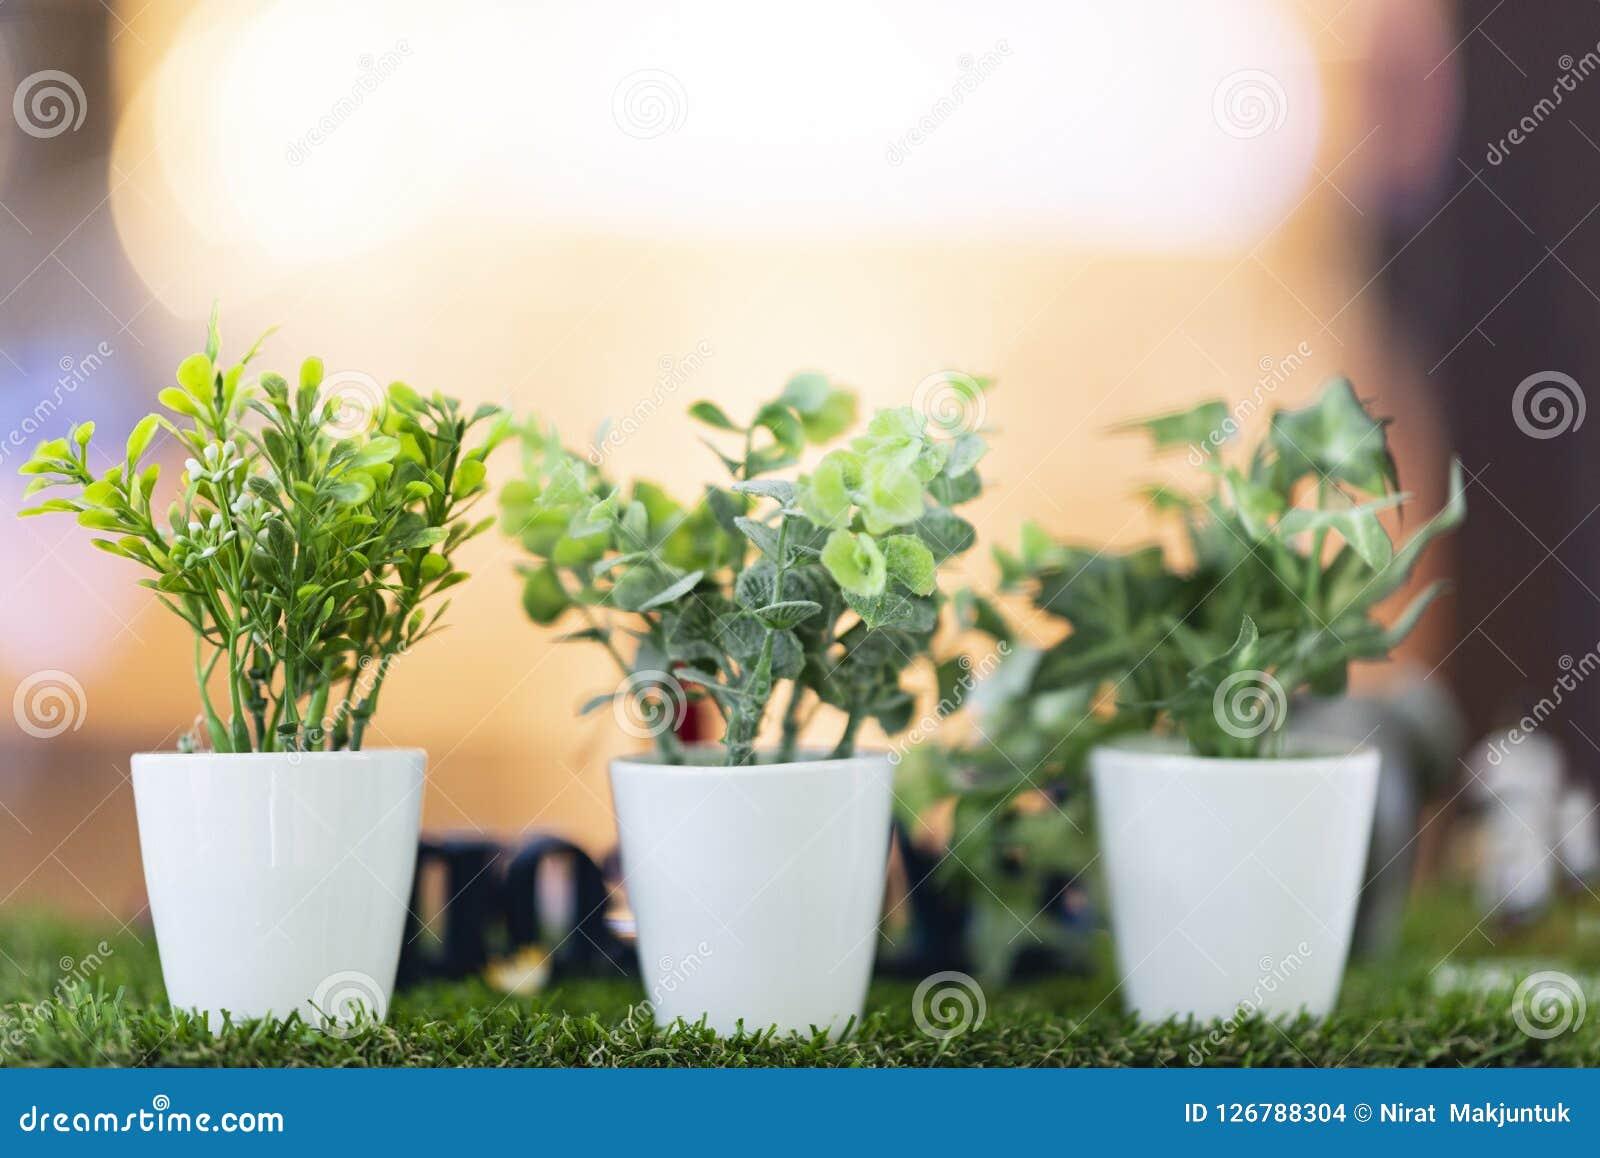 Hojas del verde colocadas en los potes blancos